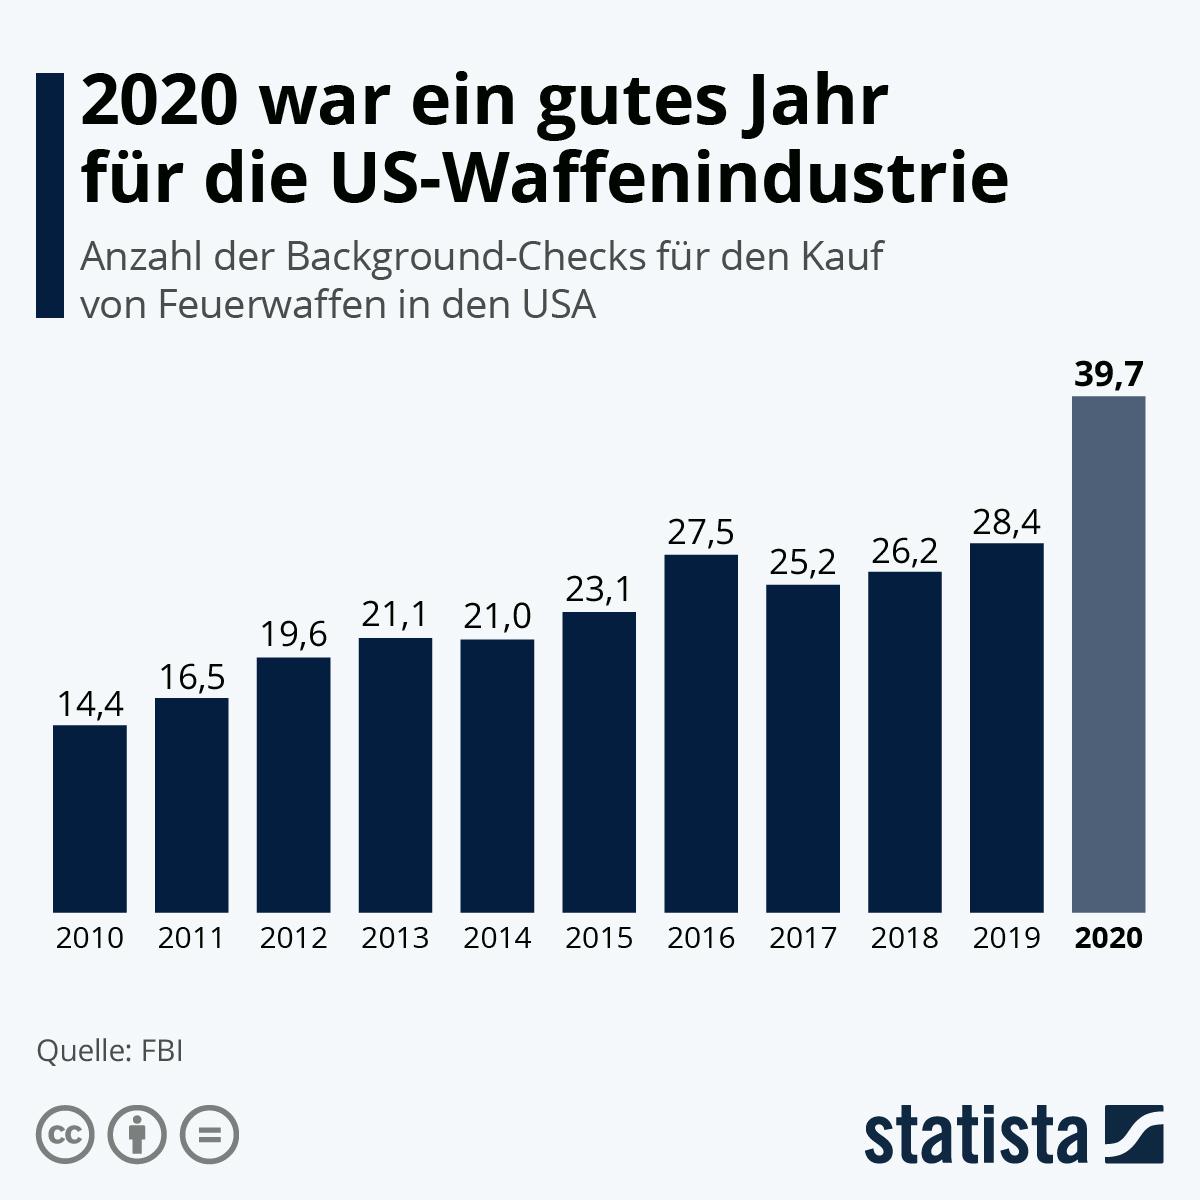 Infografik: 2020 war ein gutes Jahr für die US-Waffenindustrie | Statista